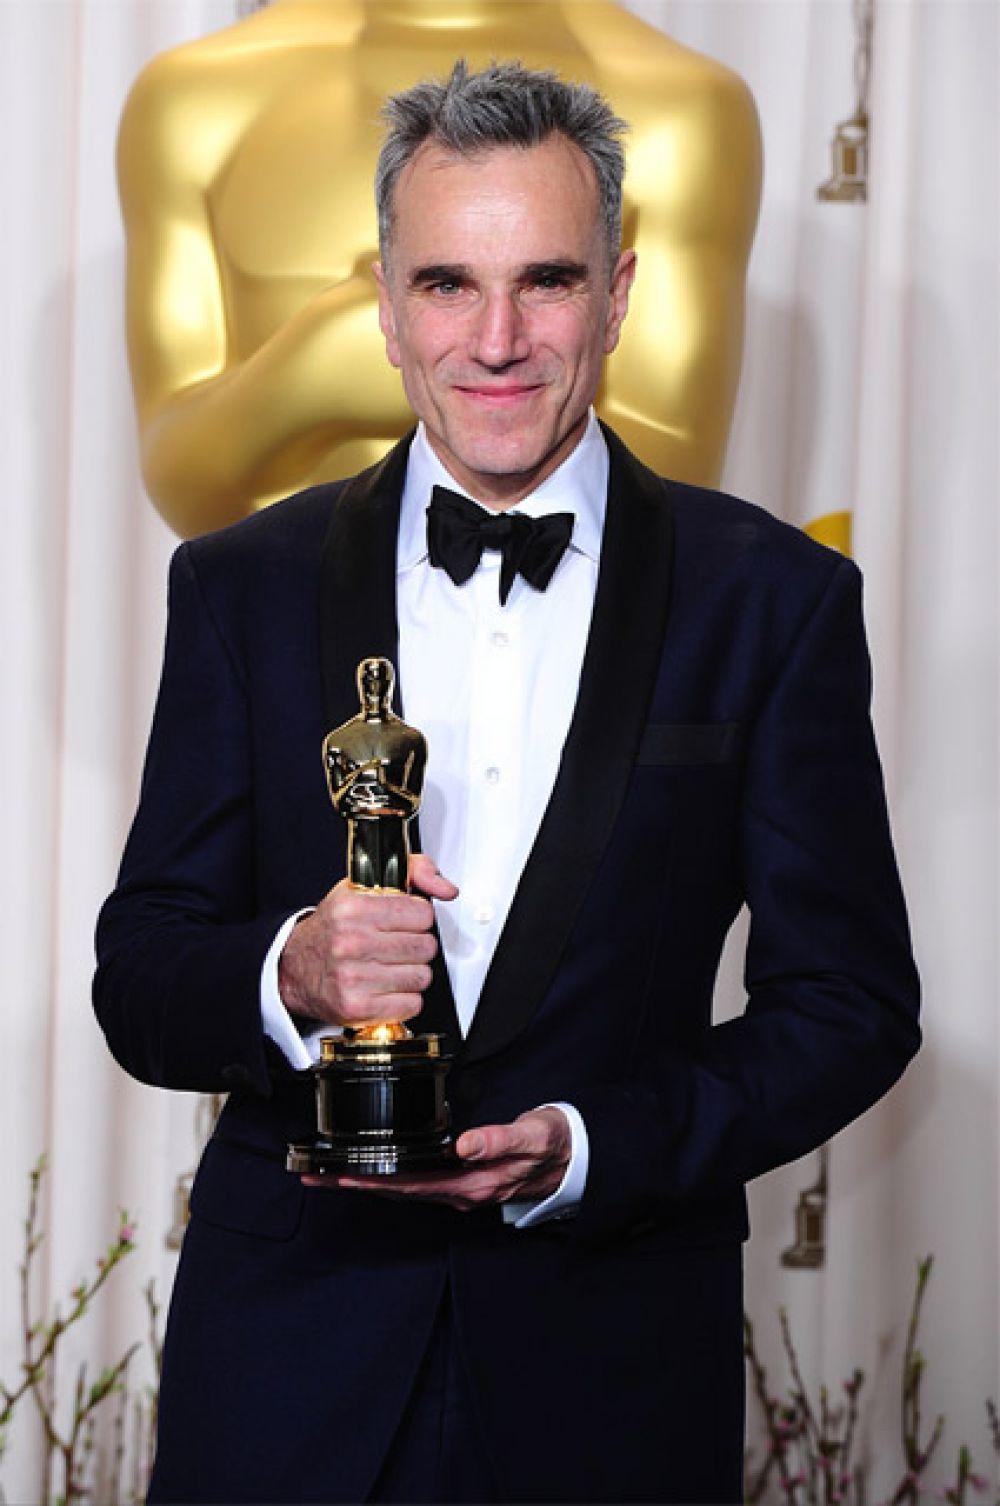 Наибольшее количество актерских «Оскаров» (среди мужчин): Дэниел Дэй-Льюис является единственным актером в истории, получившим три премии «Оскар» за лучшую мужскую роль первого плана. Британский актер удостоился наград за свои работы над картинами «Моя левая нога» (1993 г.), «Нефть» (2007 г.) и «Линкольн» (2012 г.).